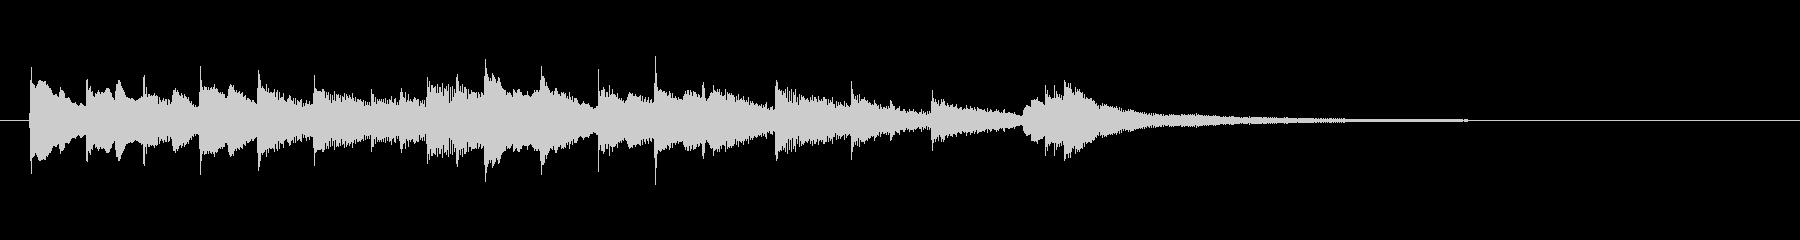 ジングル・リラックス・エンディングの未再生の波形